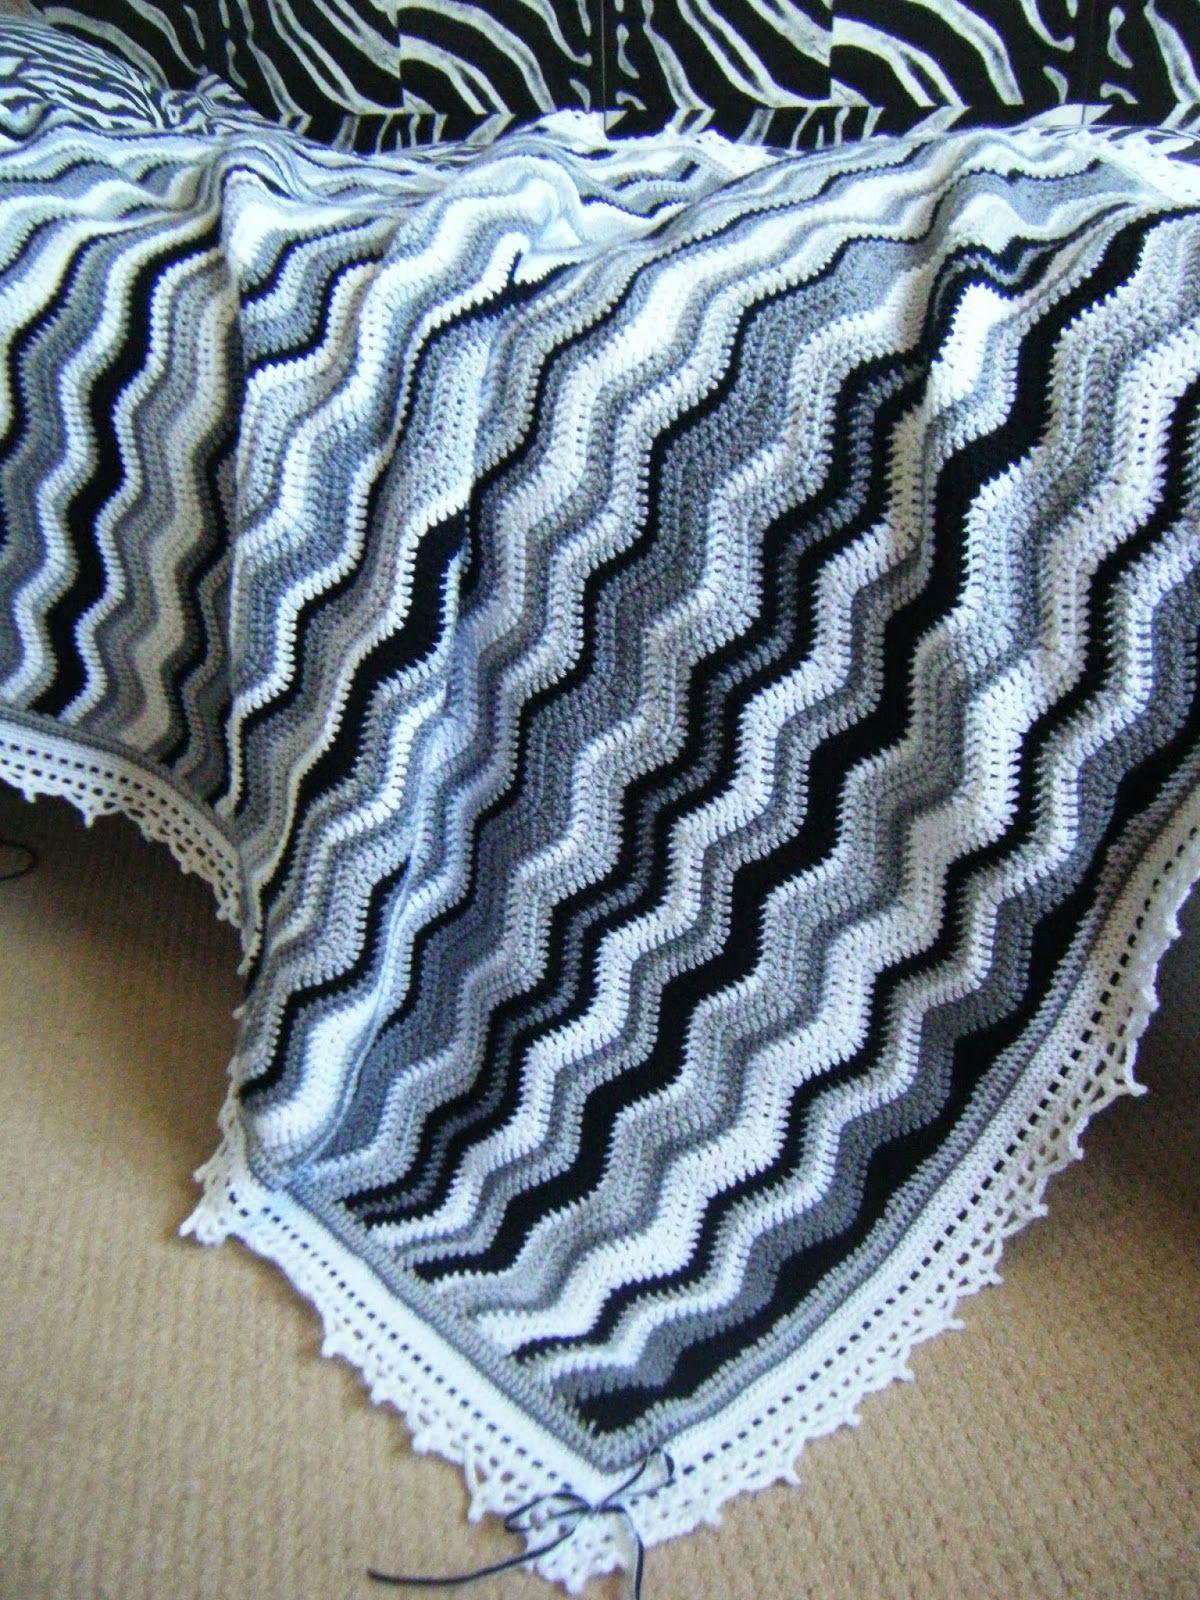 Zebra Blanket With Images Crochet Ripple Blanket Crochet Throw Blanket Baby Blanket Crochet